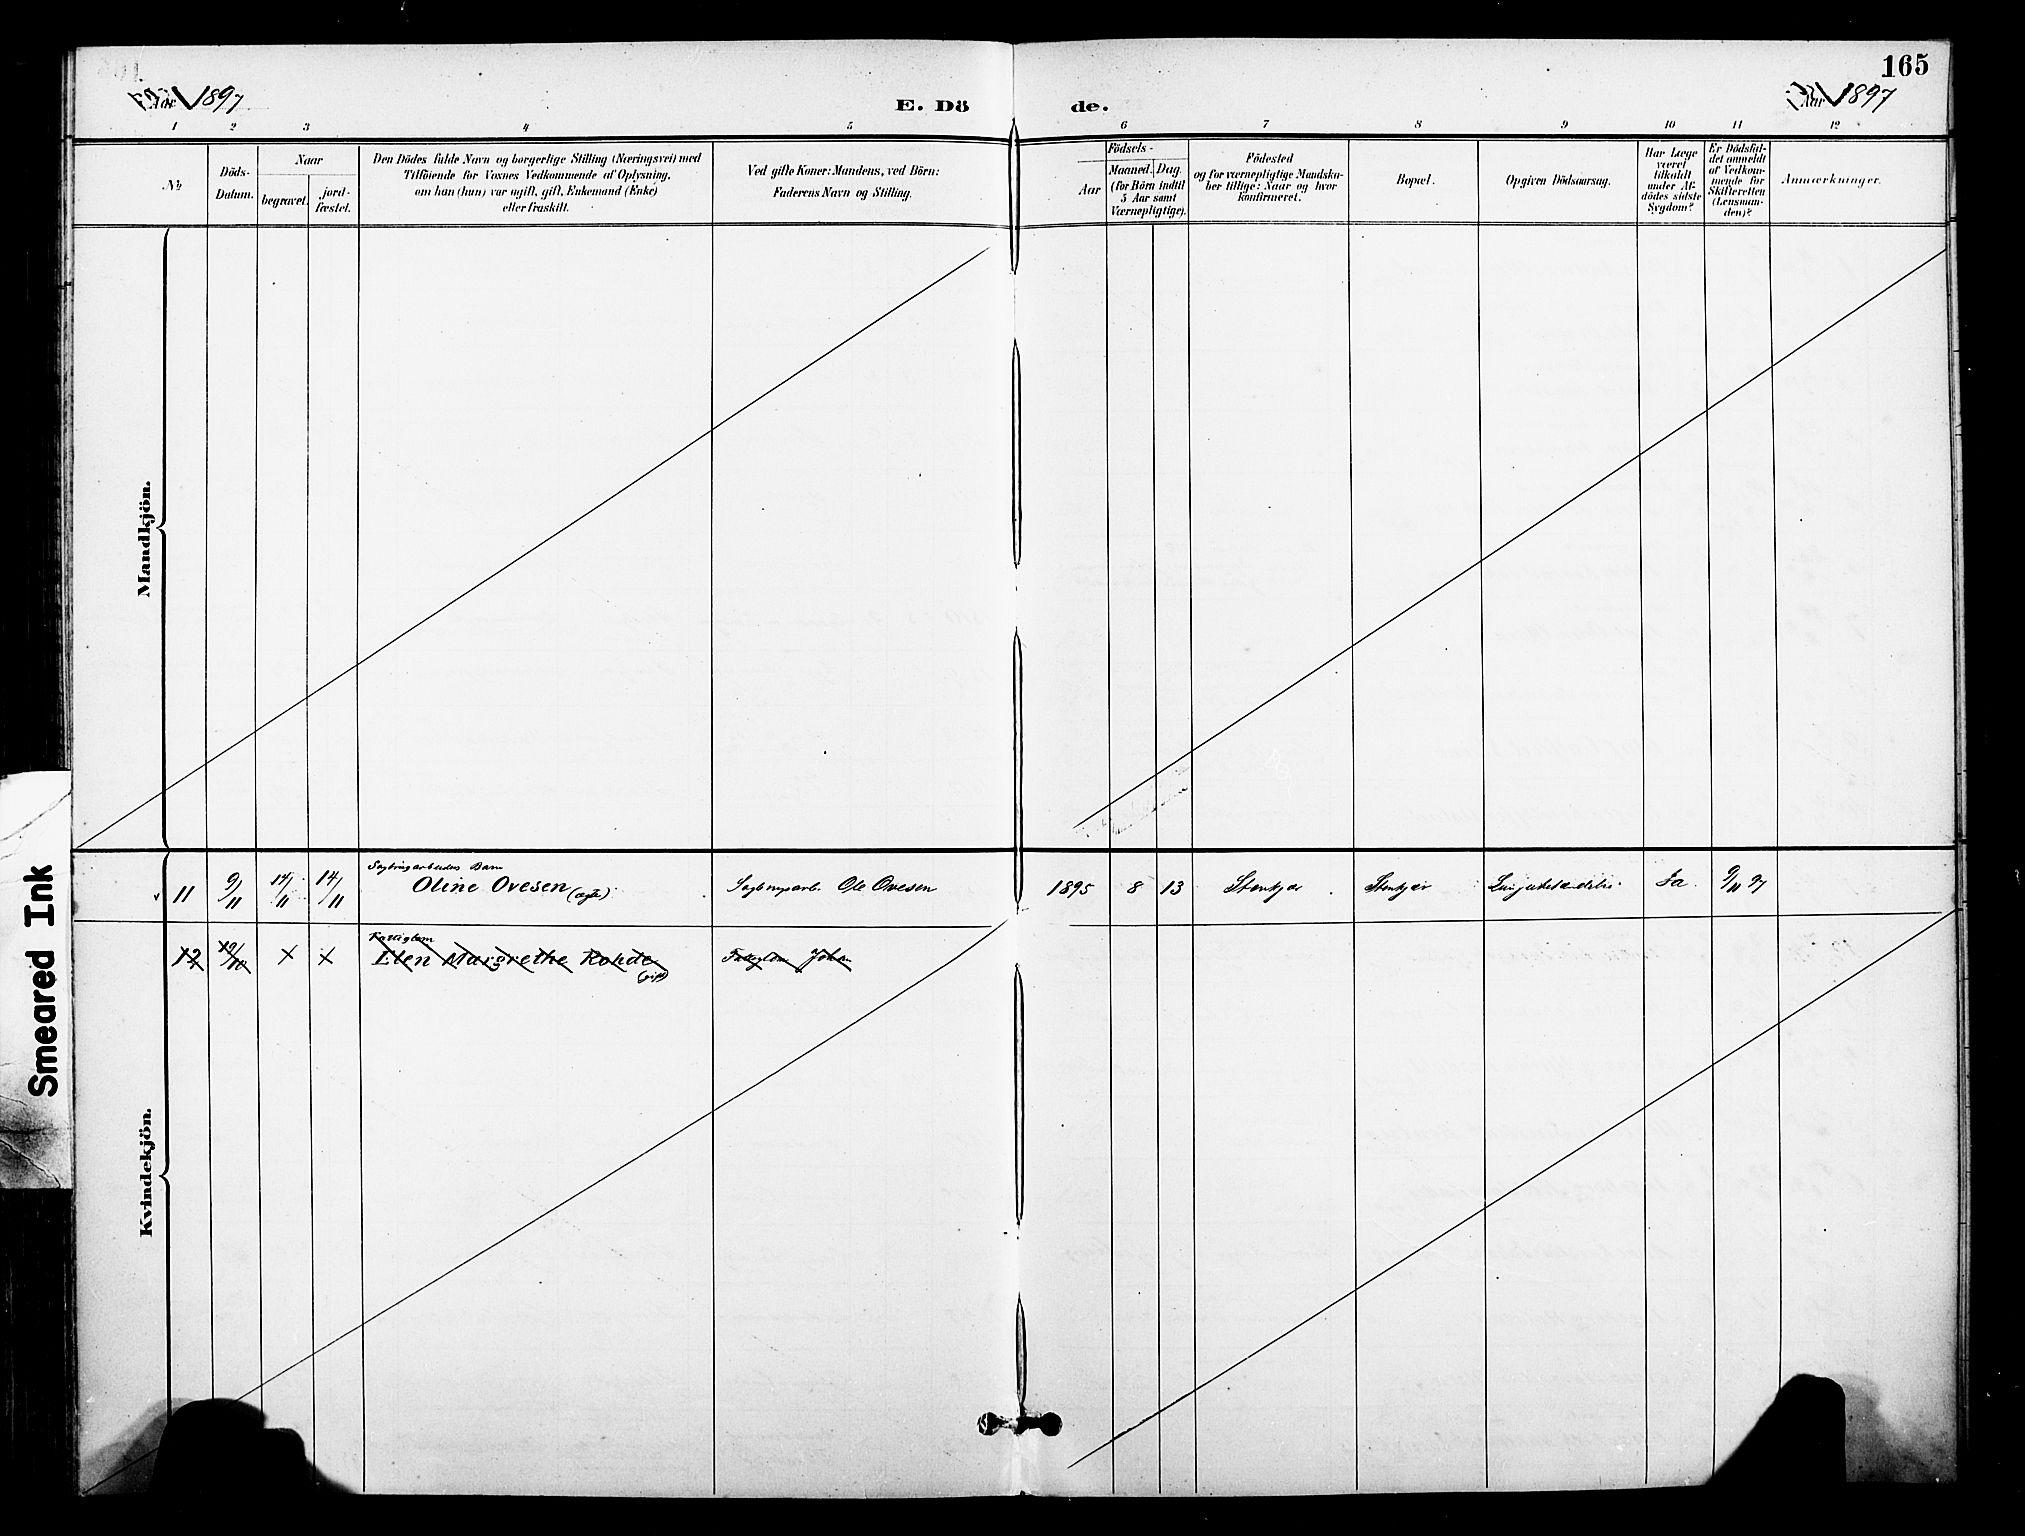 SAT, Ministerialprotokoller, klokkerbøker og fødselsregistre - Nord-Trøndelag, 739/L0372: Ministerialbok nr. 739A04, 1895-1903, s. 165